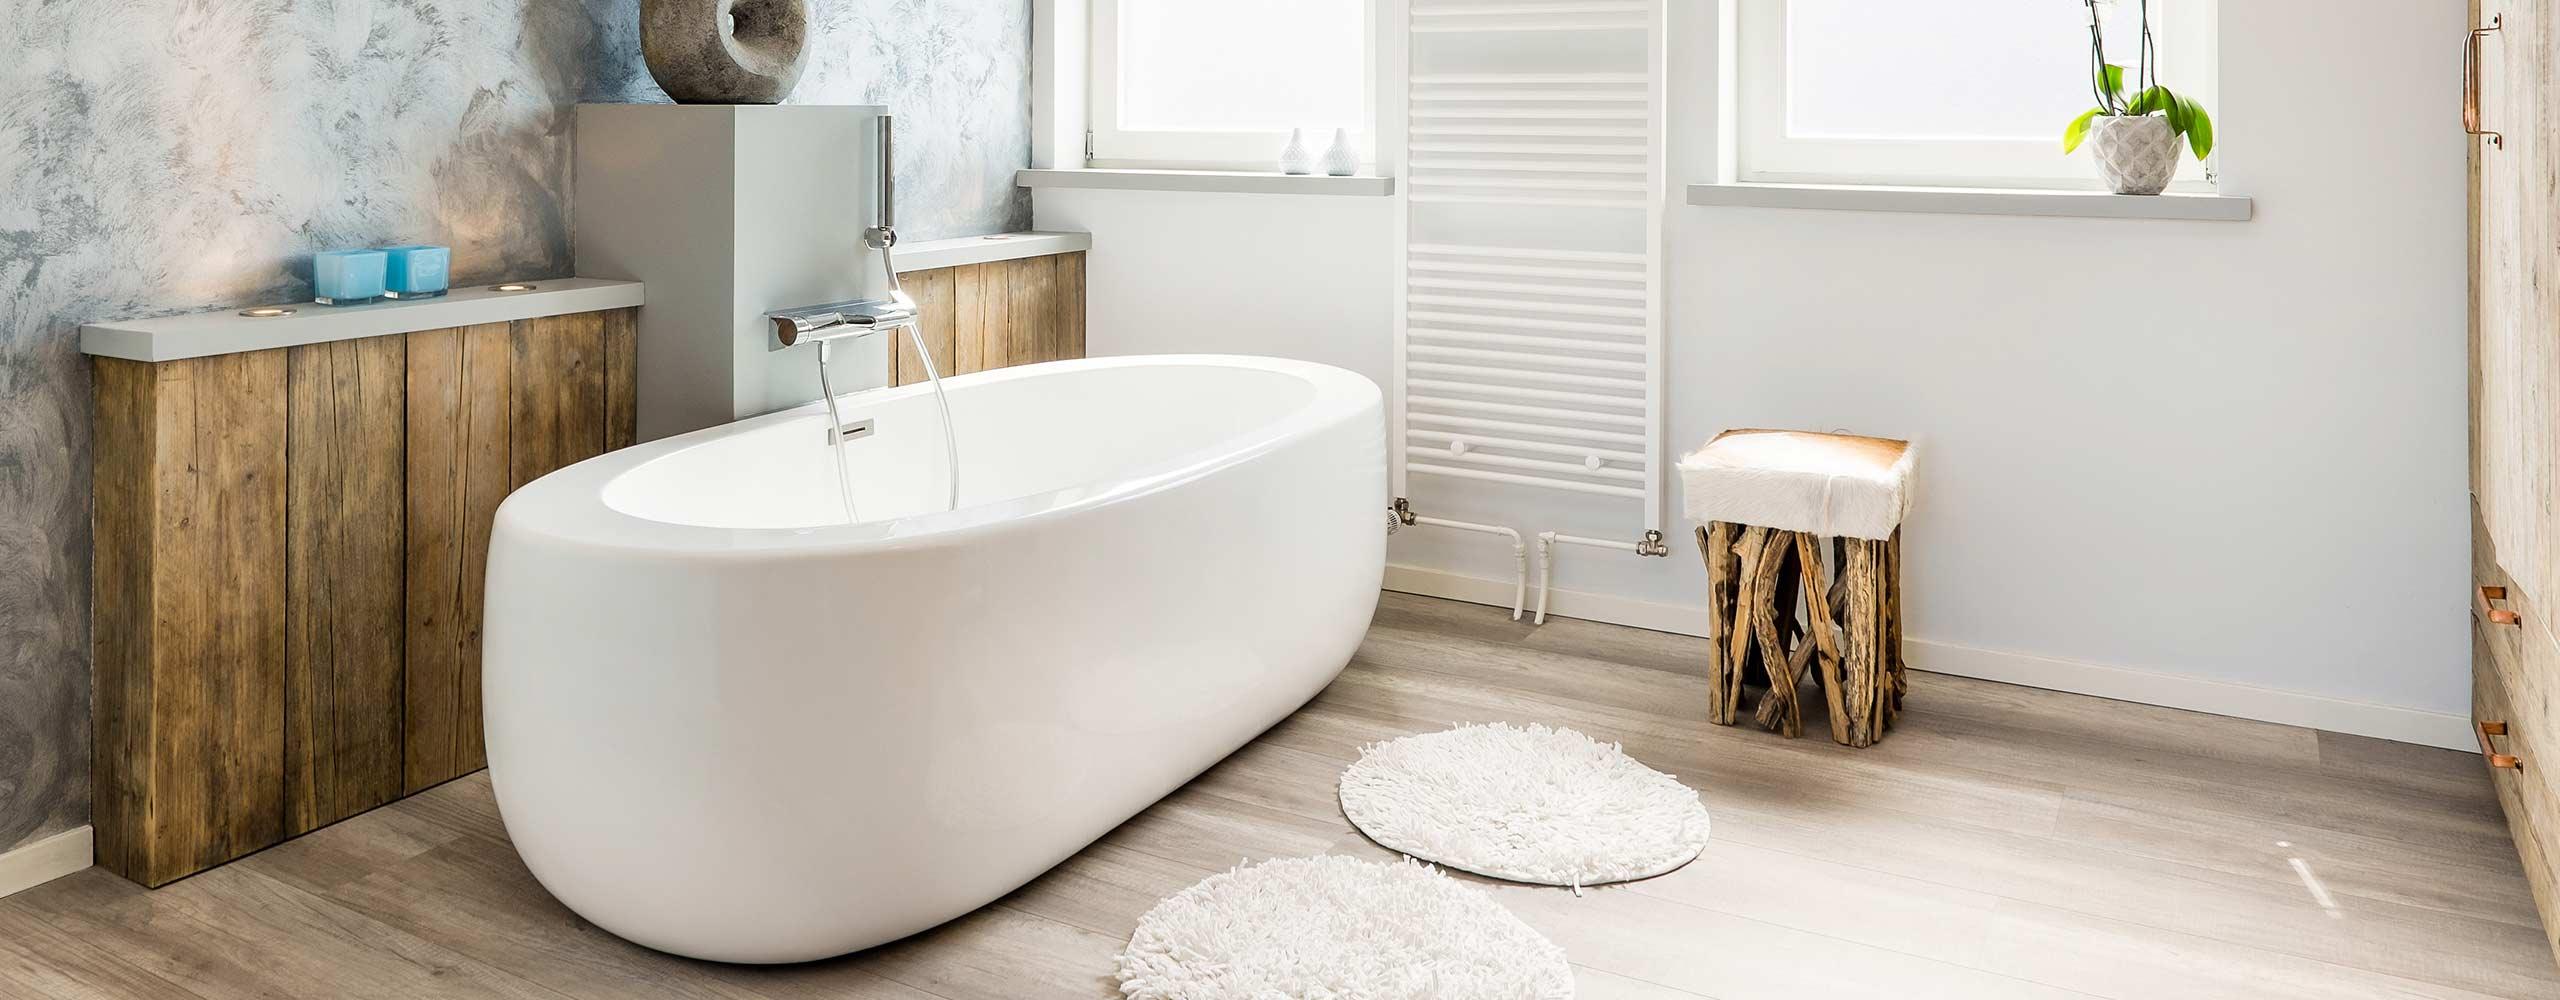 Badkamer verbouwen door de installateur uit Purmerend